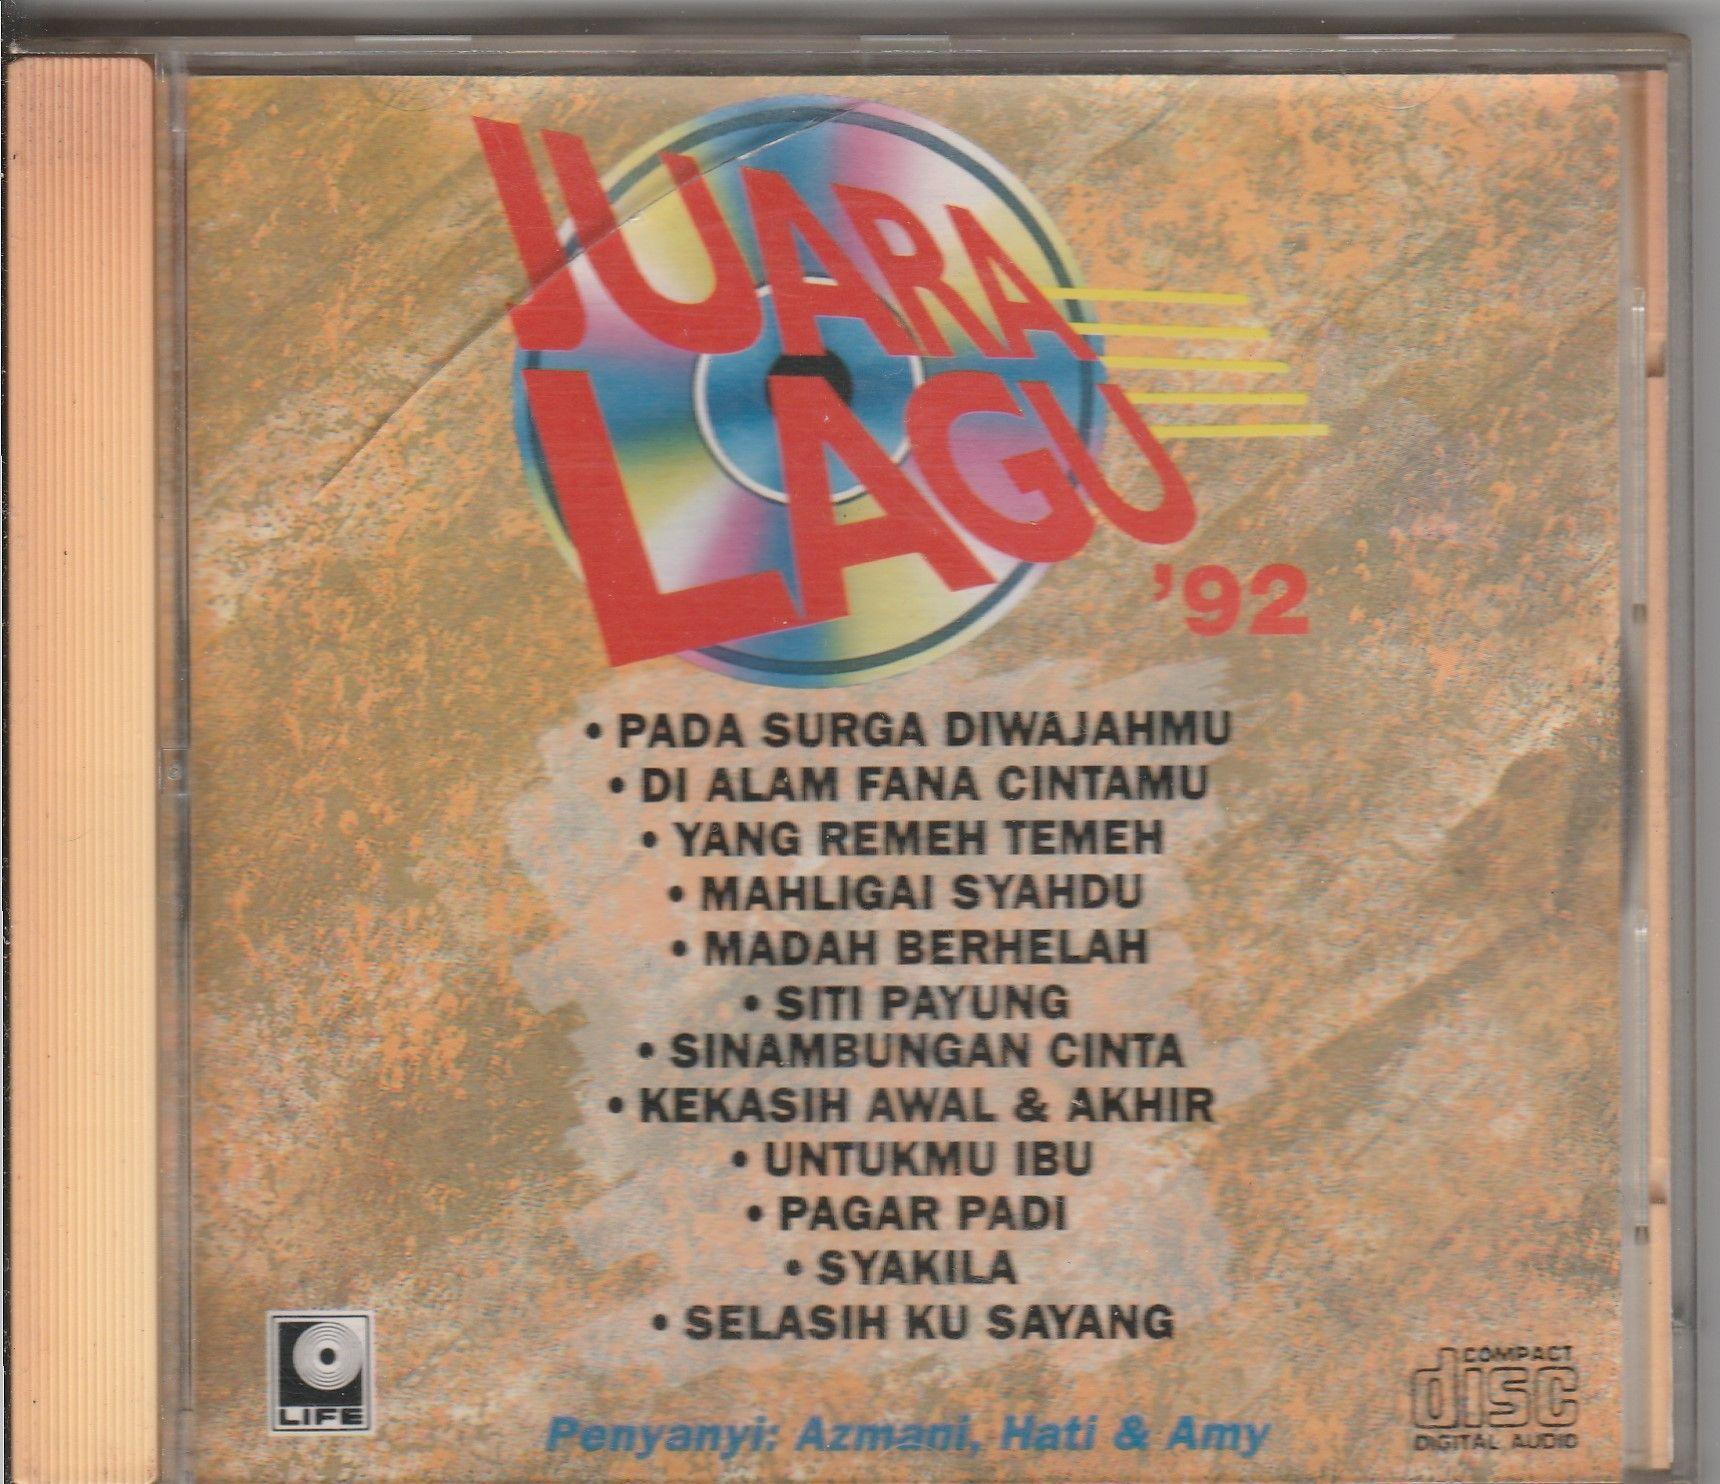 JUARA LAGU '92 CD.jpg